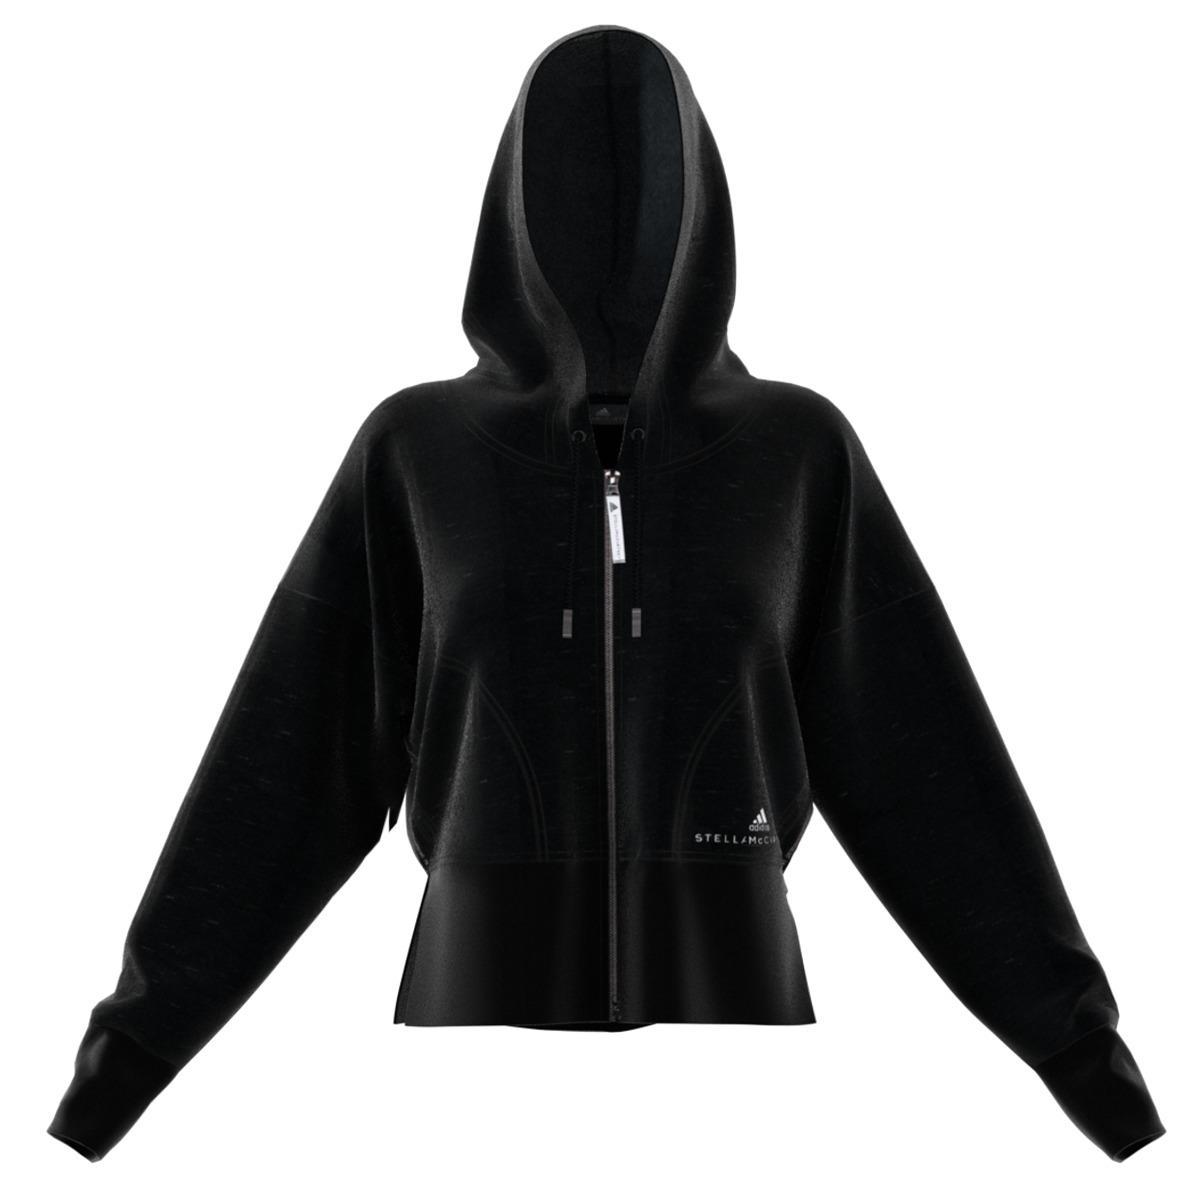 adidas Ess Sweatshirt in Black - Lyst 7c5c1c5a180